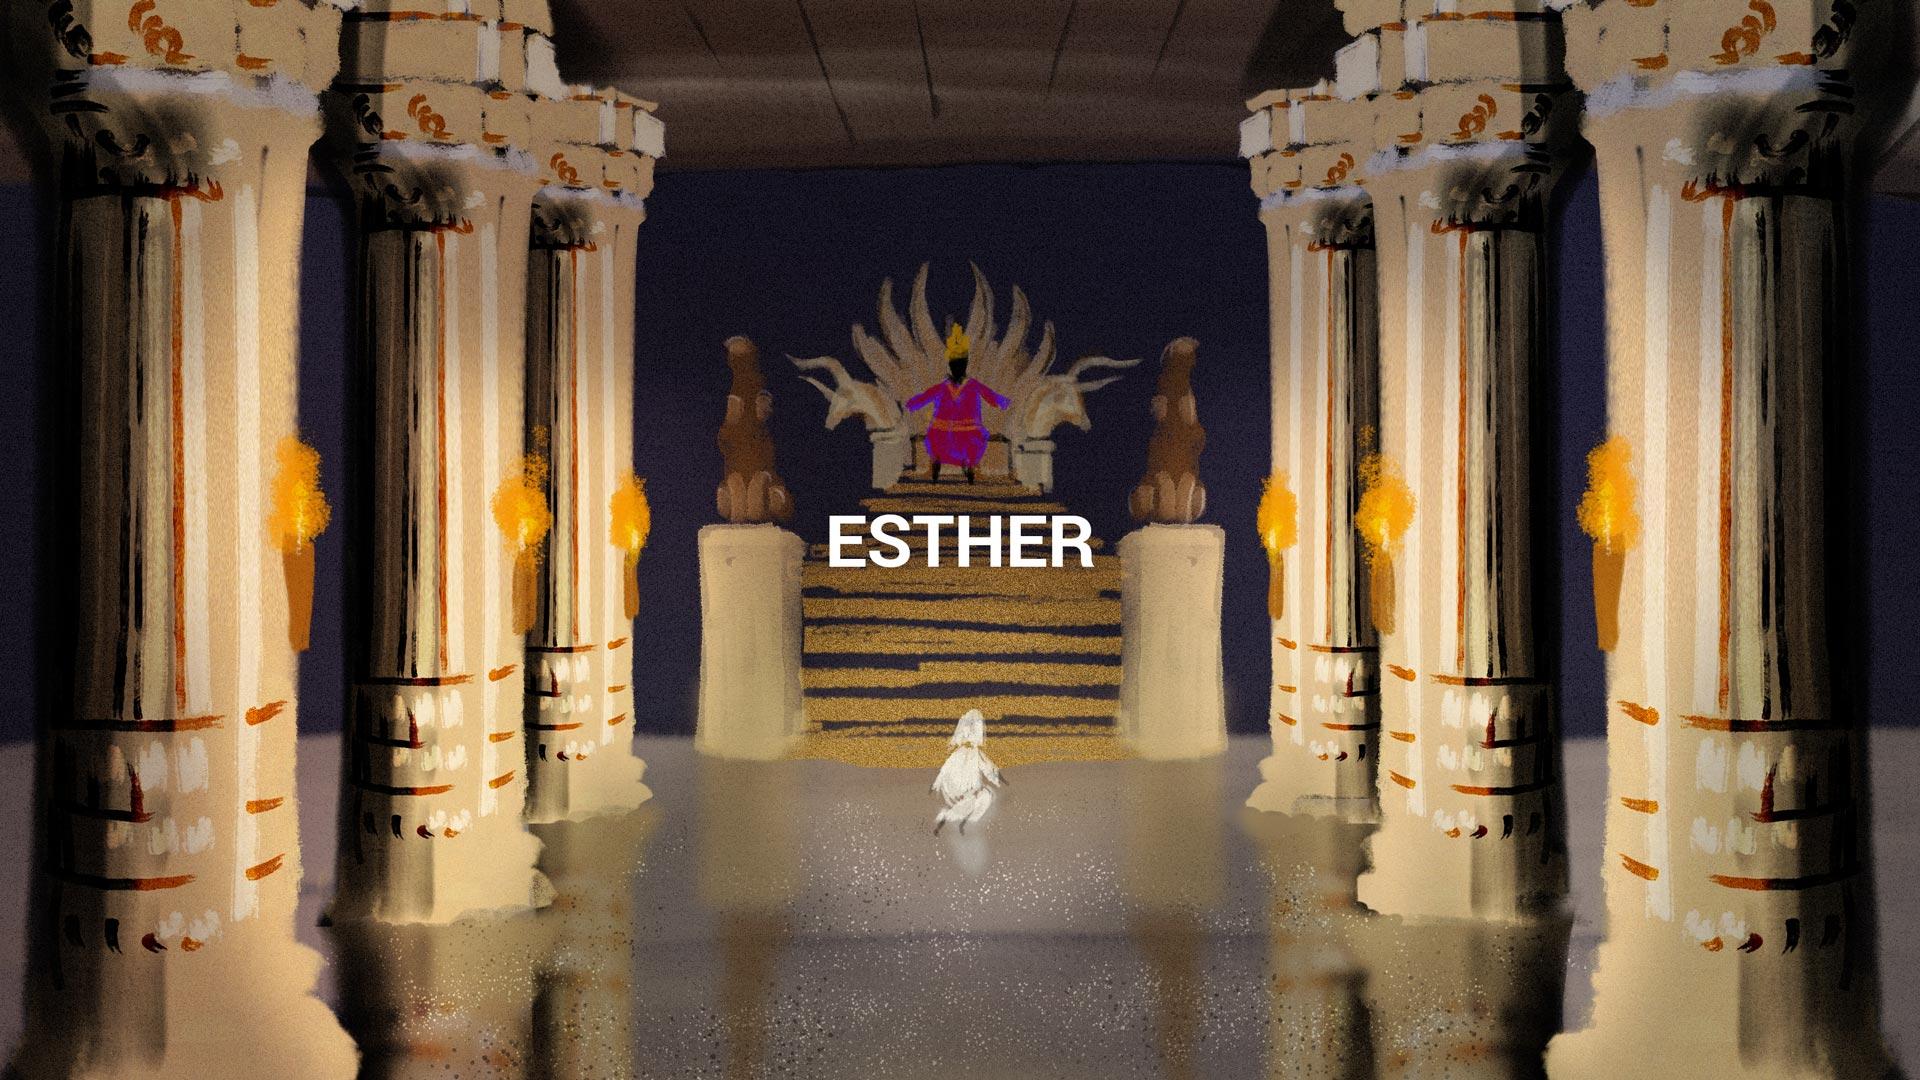 esther_v2_1_main.jpg